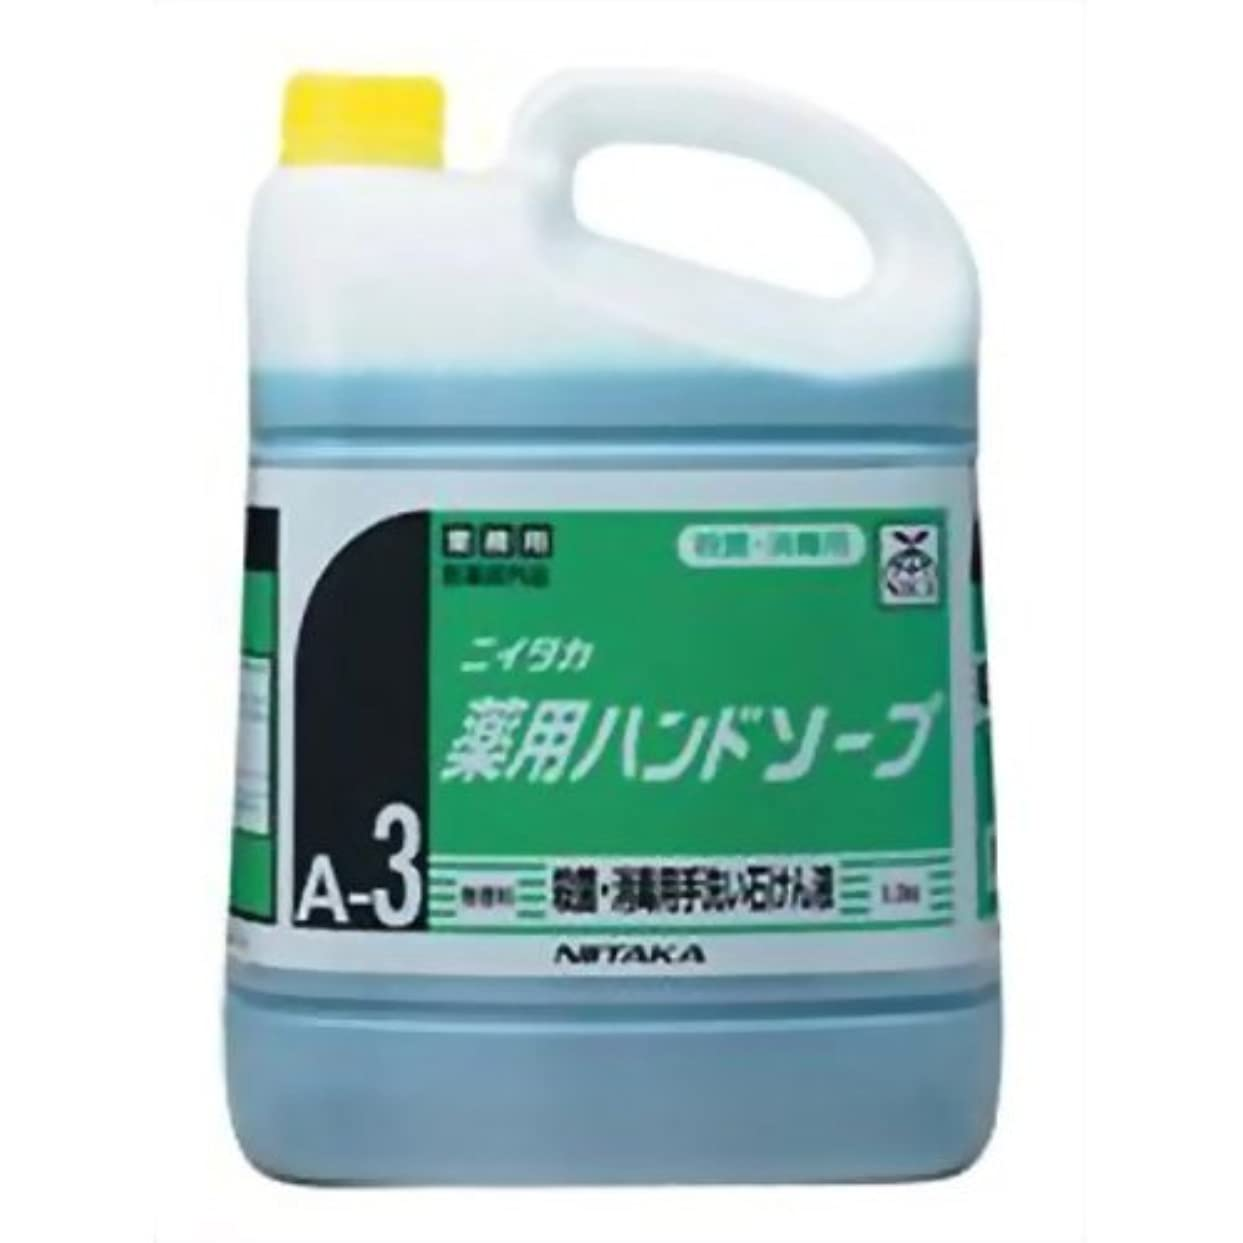 松明拷問キャメル業務用 ニイタカ 薬用ハンドソープ 5kg